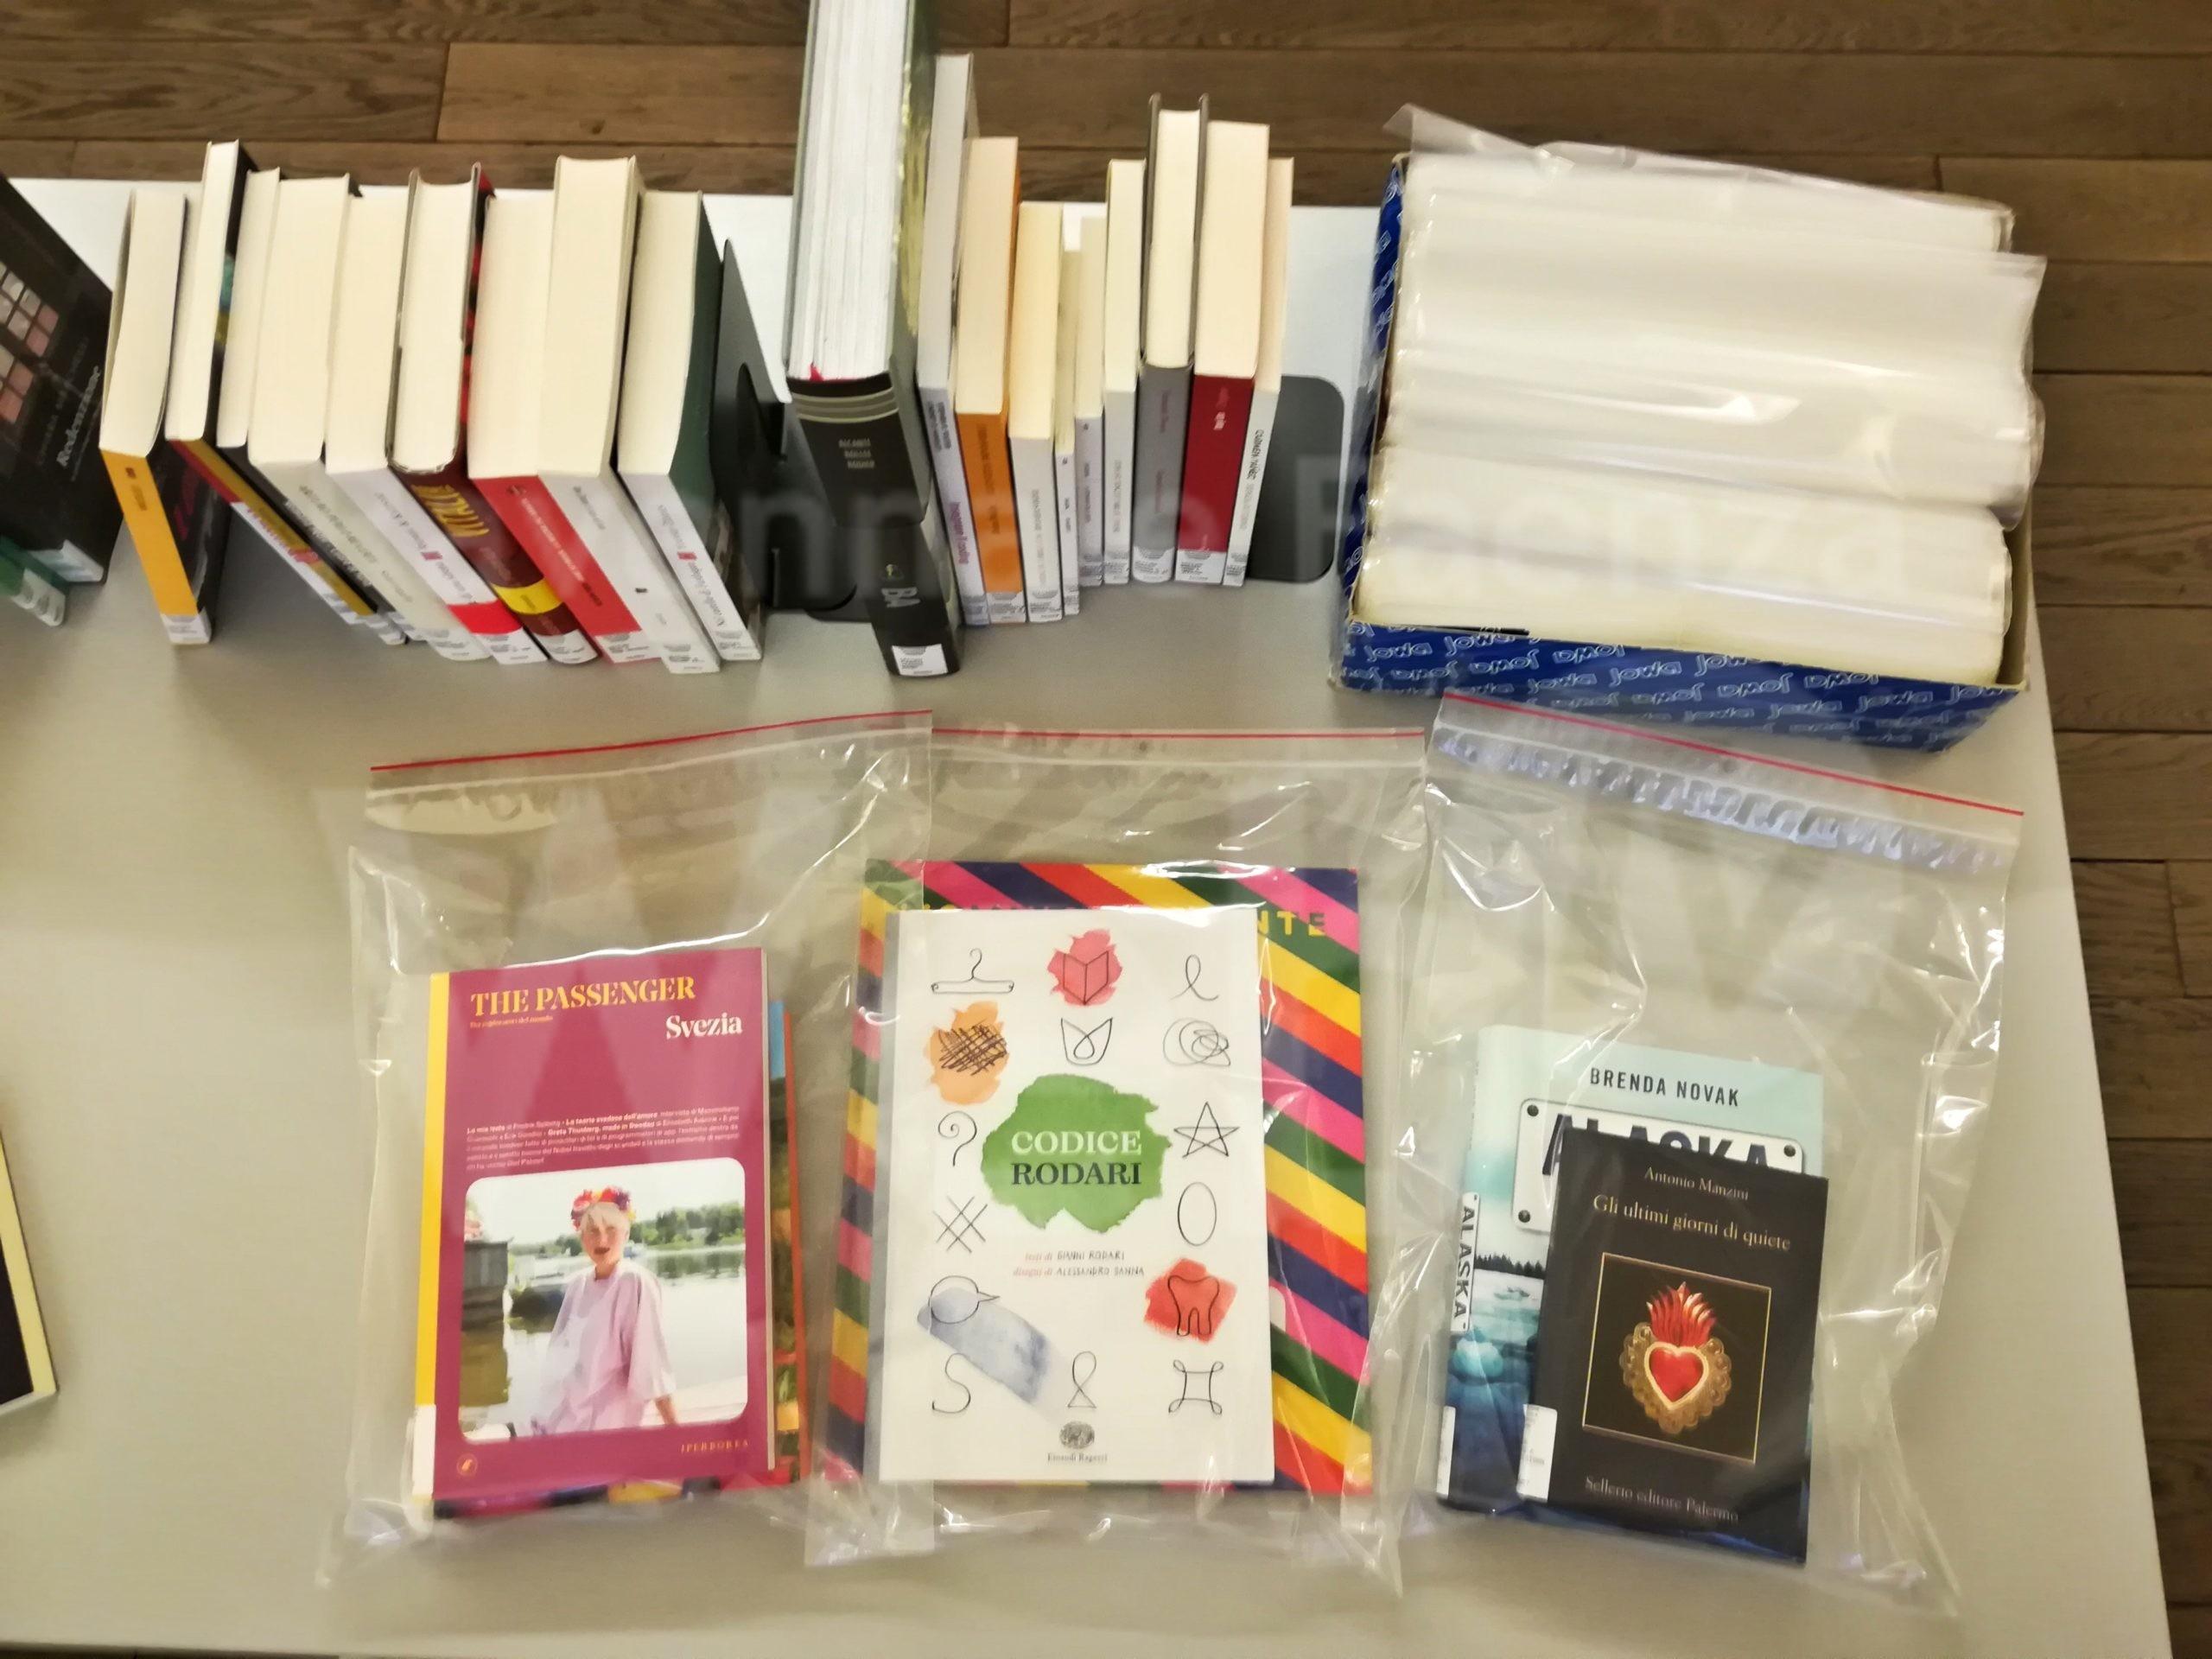 Le biblioteche comunali di Firenze fanno prestito a domicilio e da asporto